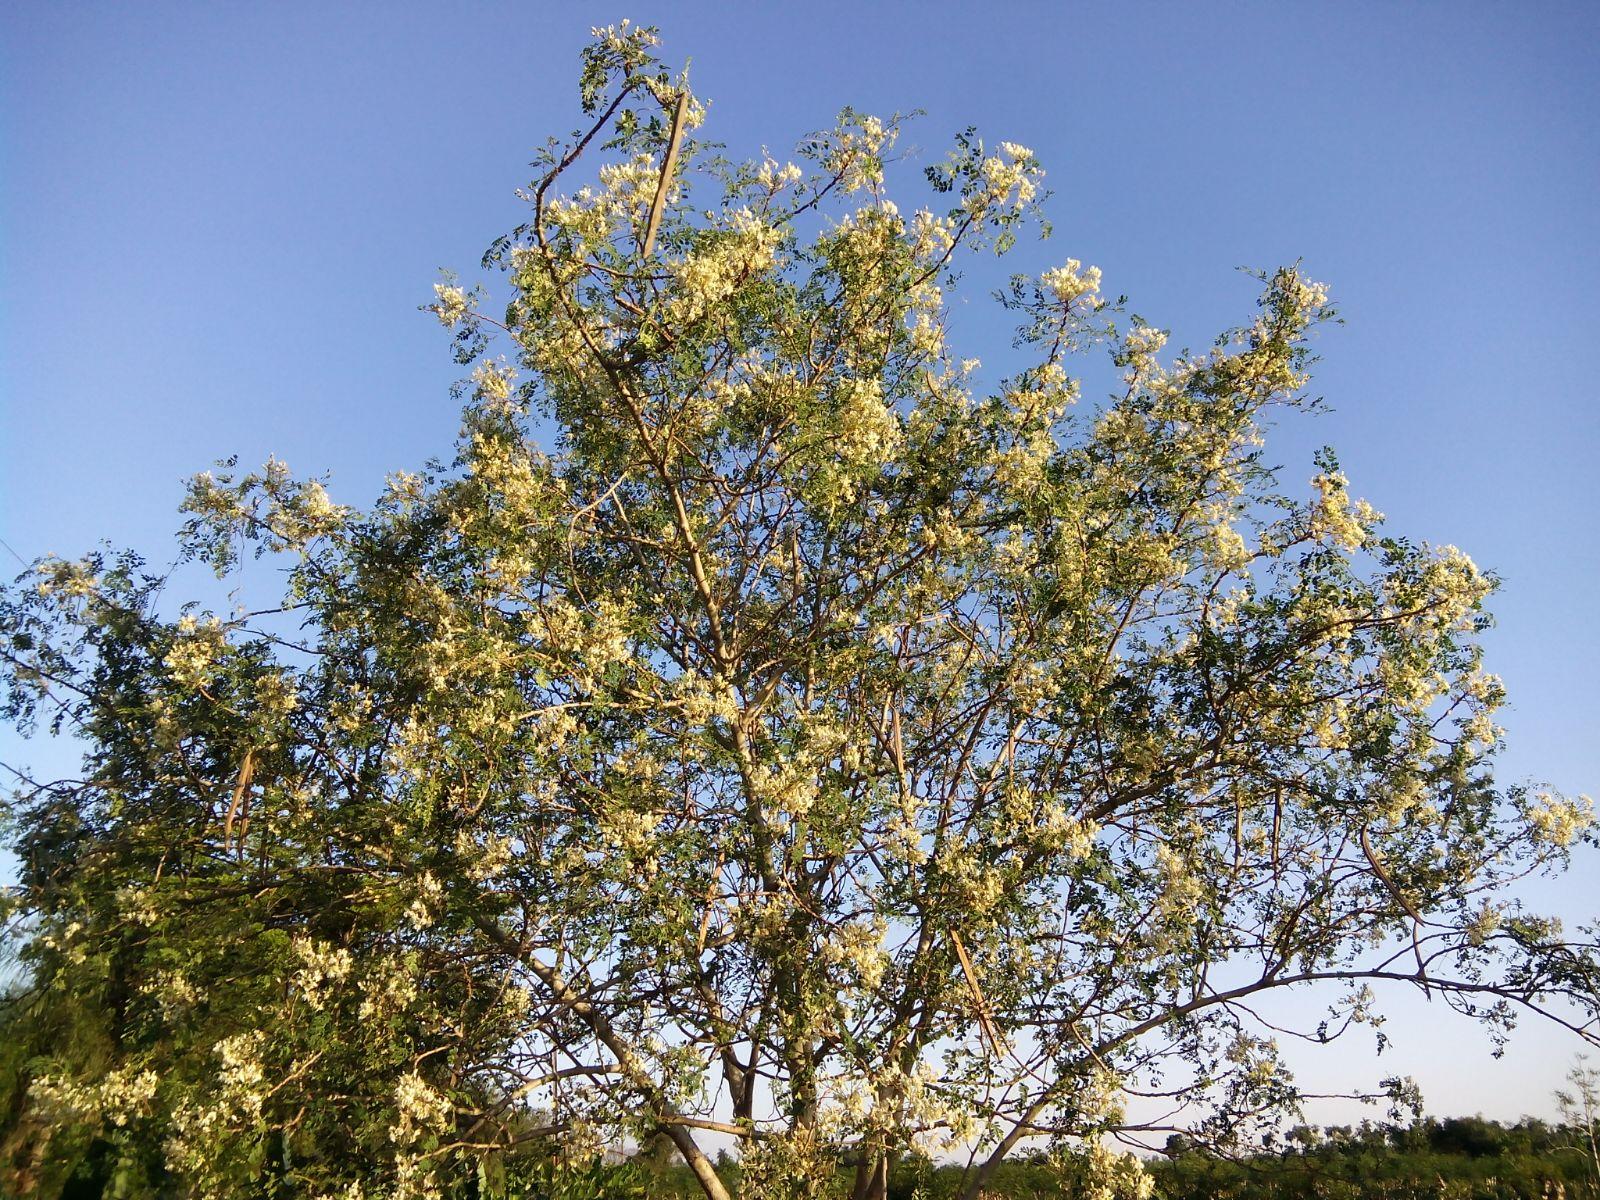 Árbol de Moringa en flor.